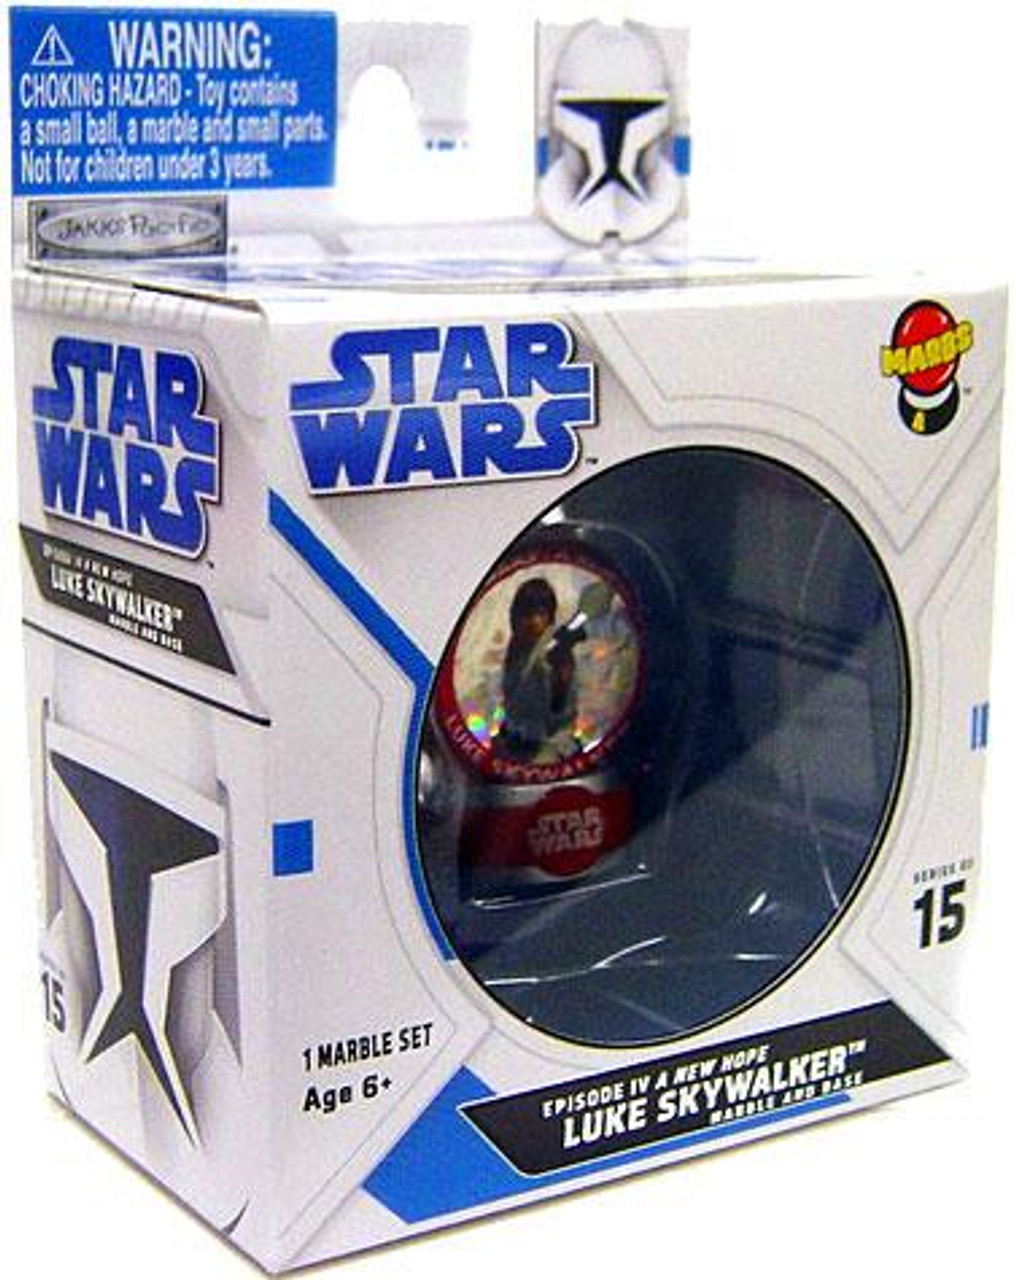 Star Wars A New Hope Marbs Series 2 Luke Skywalker Marble #15